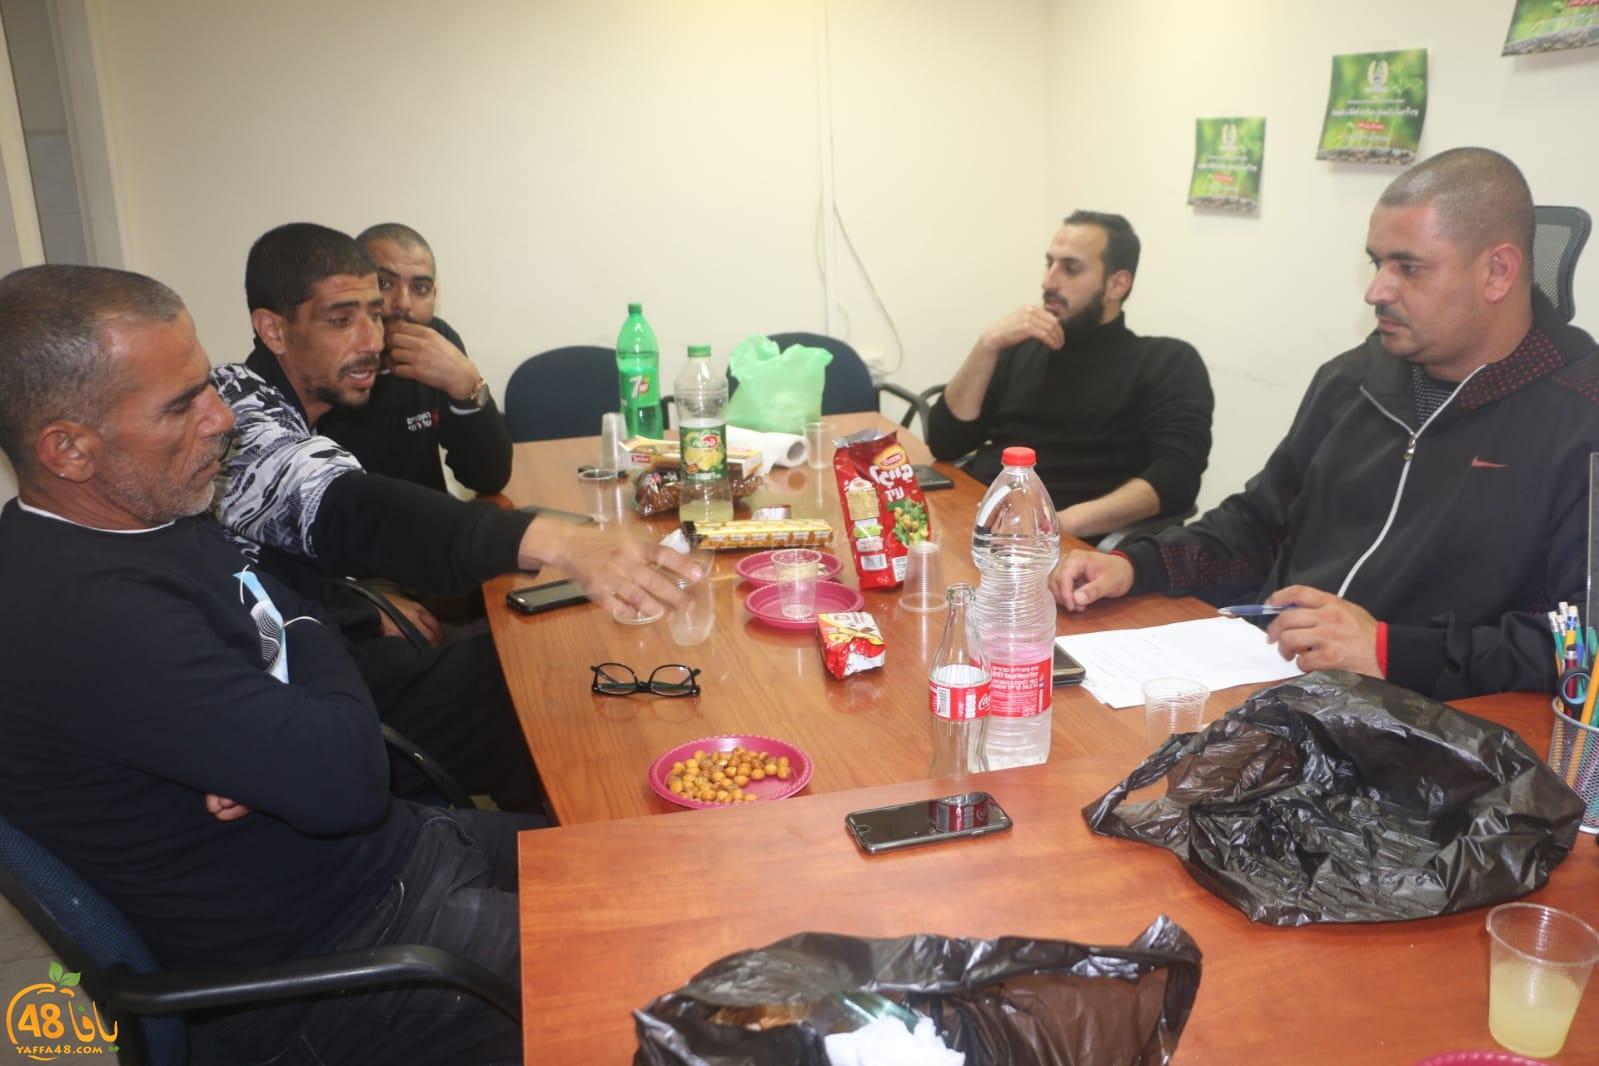 ادارة جمعية يافا للاغاثة الانسانية تجتمع استعداداً لاستقبال شهر رمضان المبارك